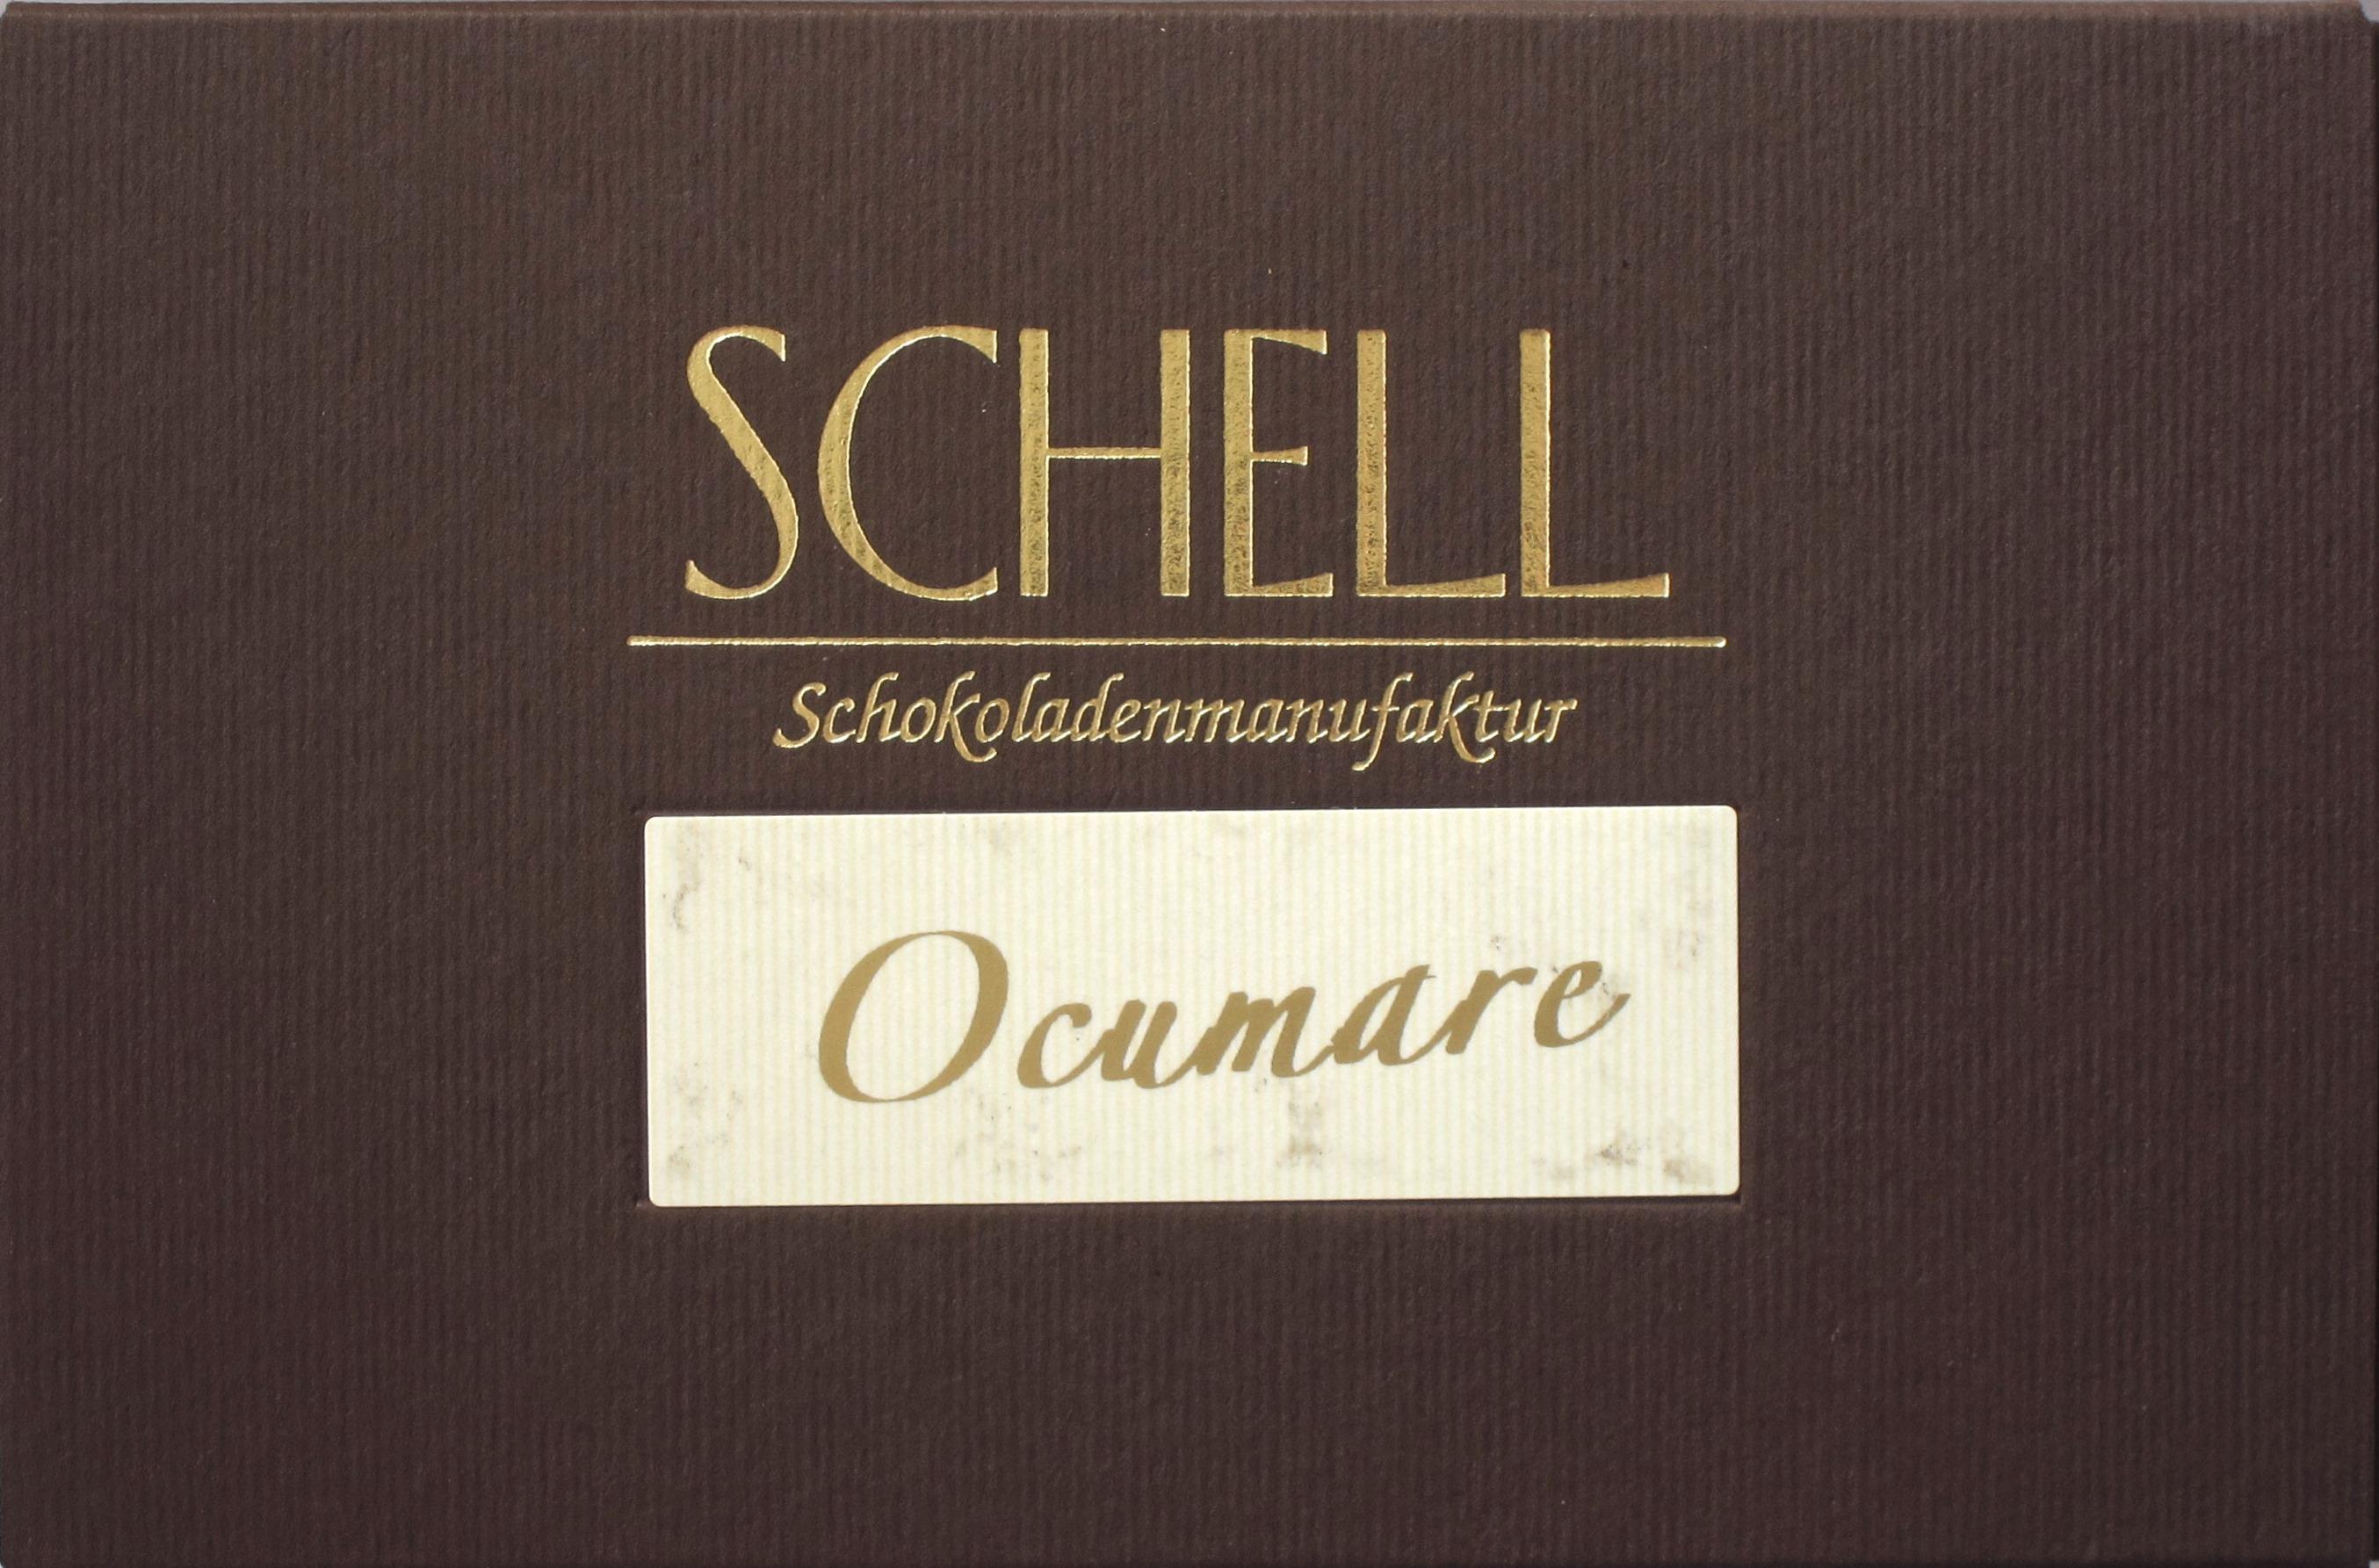 Schell Schokoladenmanufaktur Ocumare 72